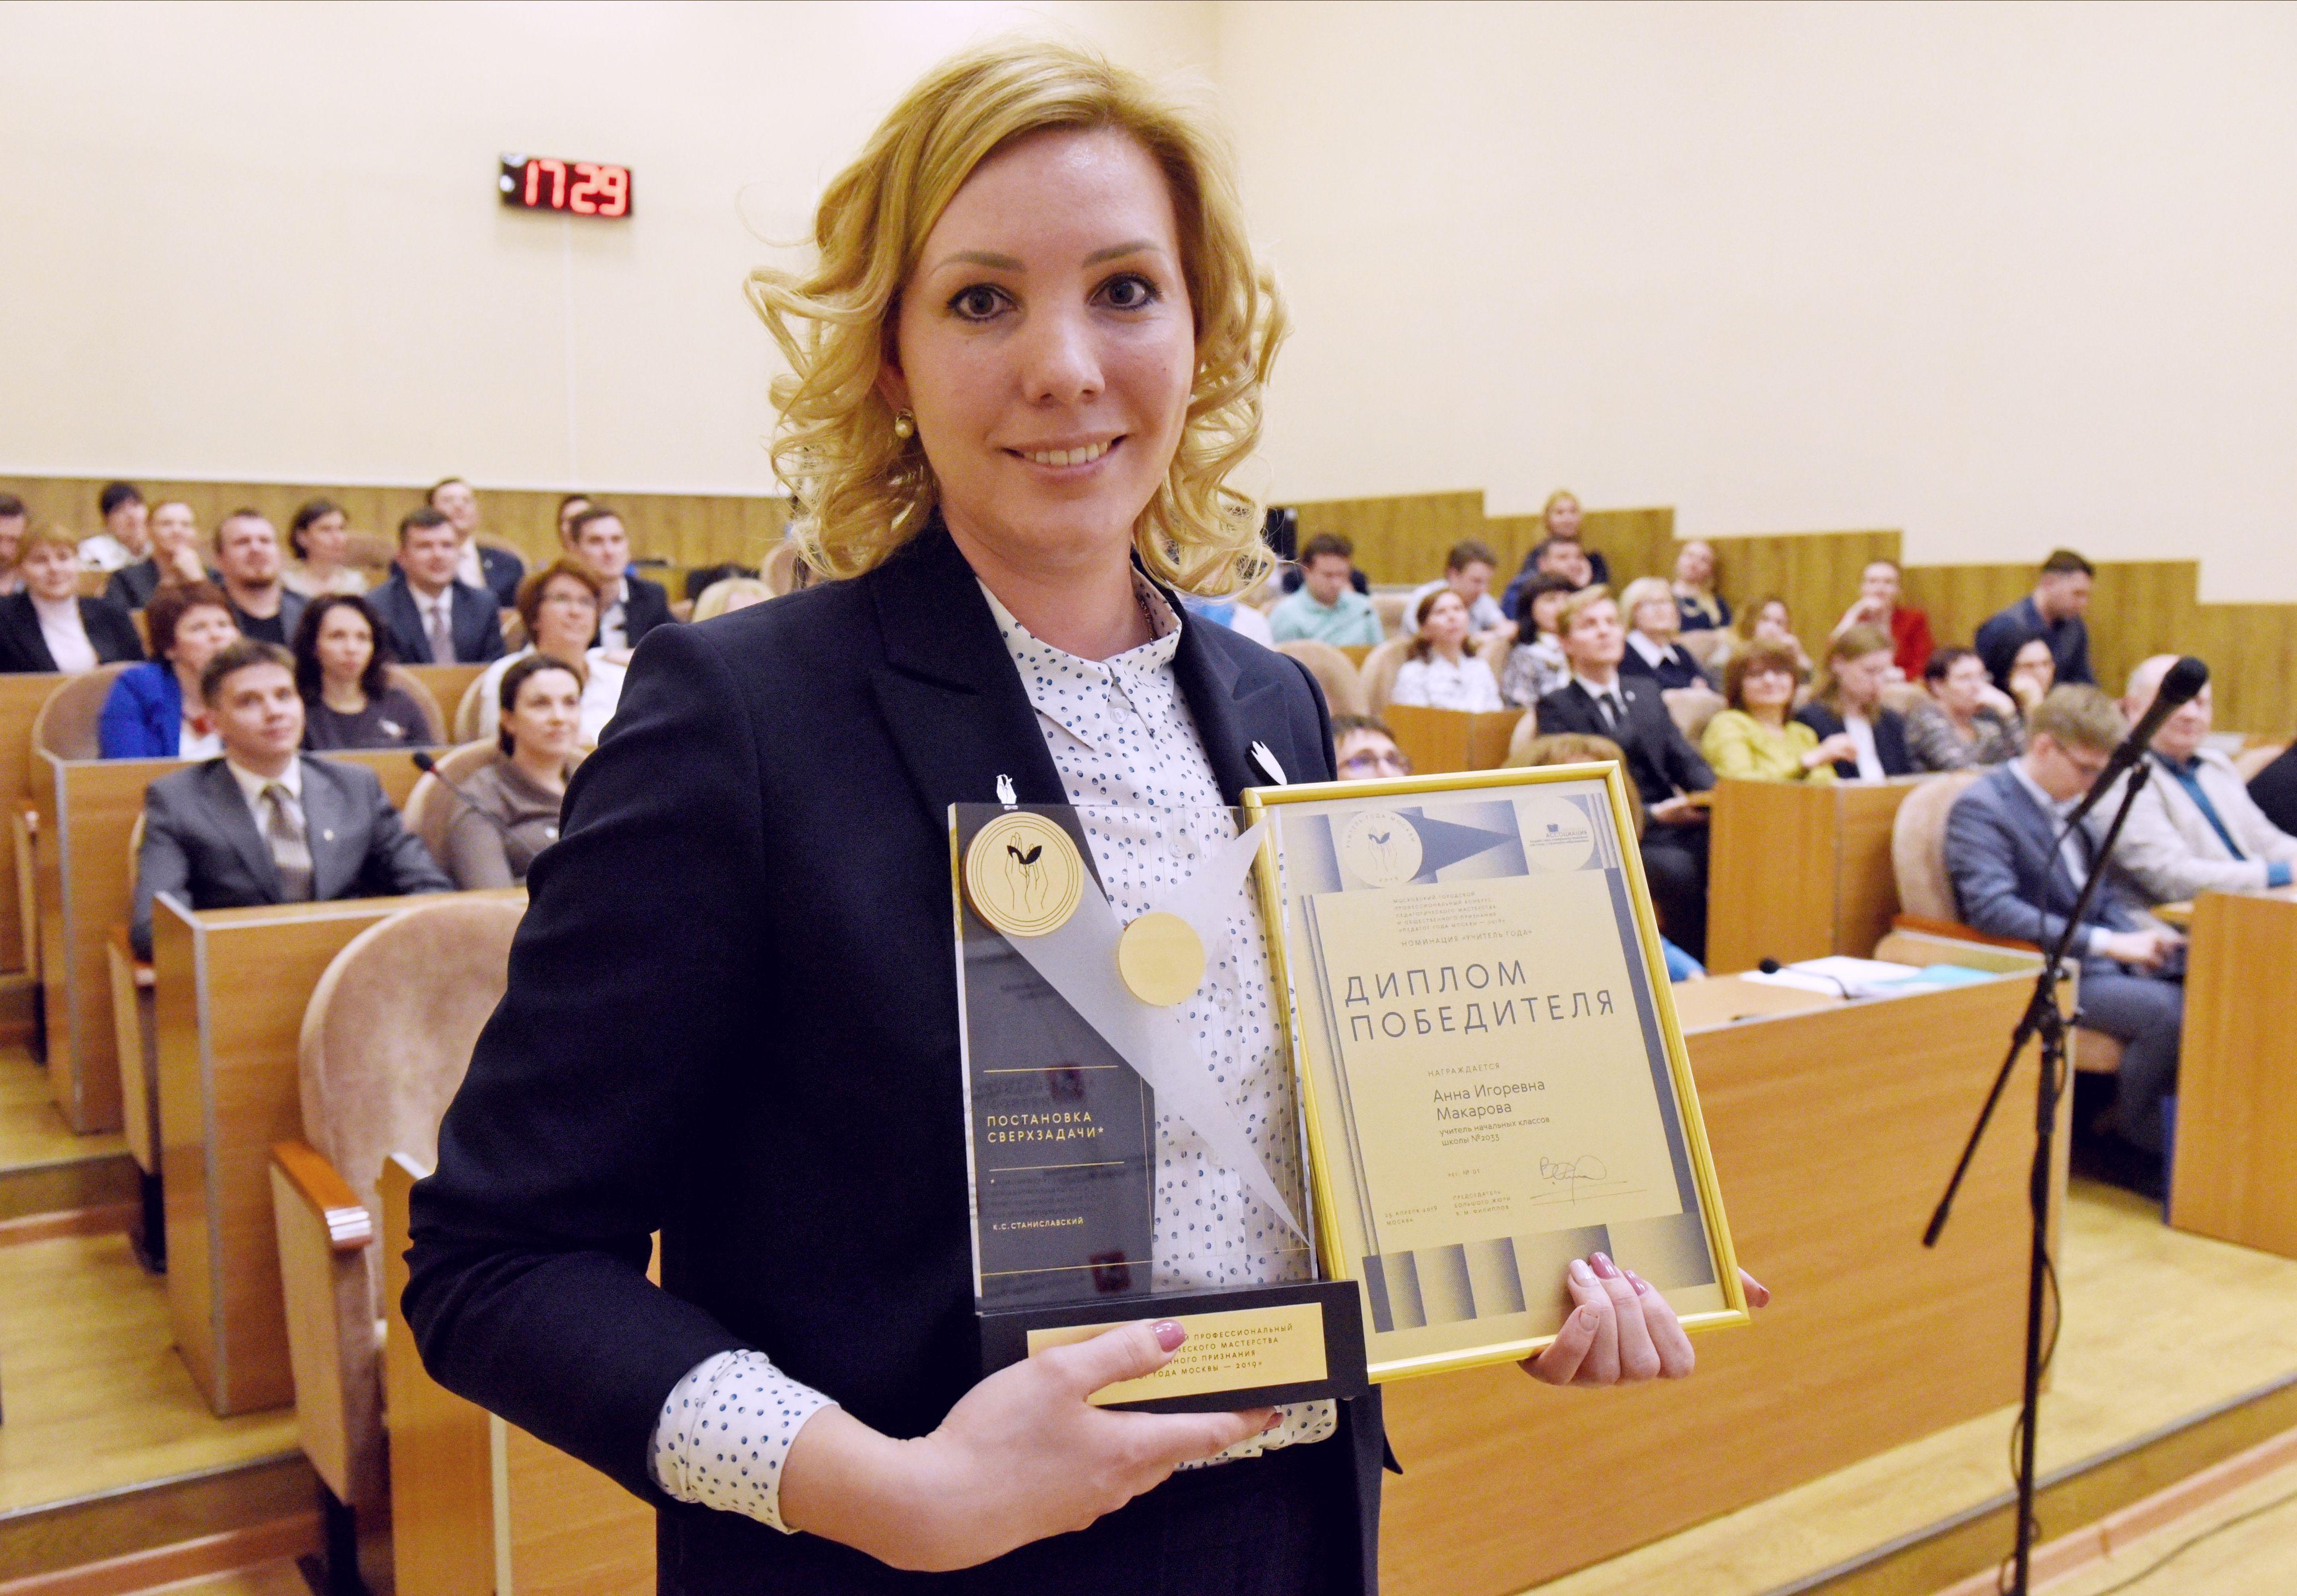 Конкурс «Учителя года Москвы» пройдет после Нового года